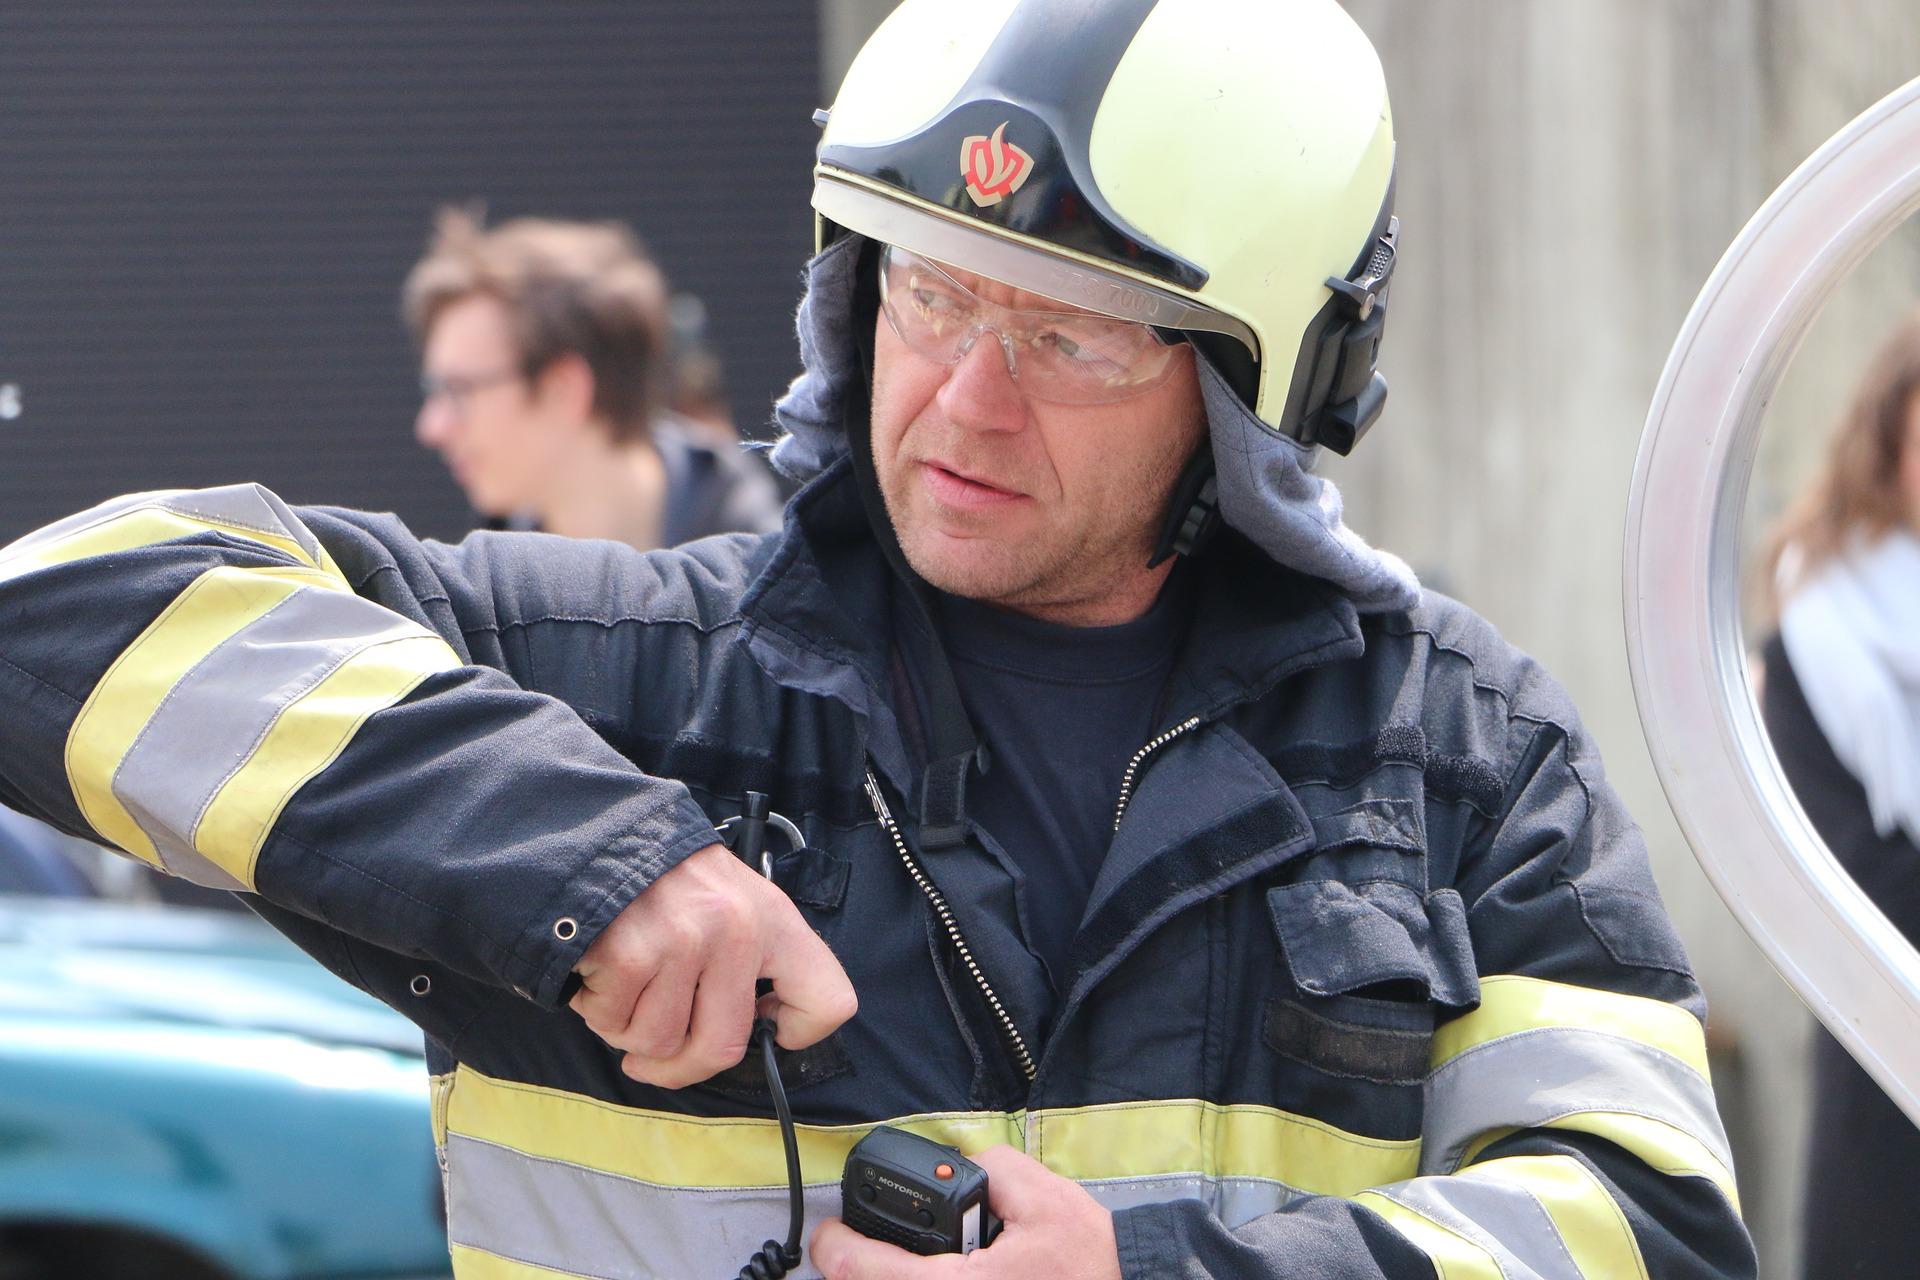 Hoeveel loze brandmeldingen mag ik per jaar hebben?